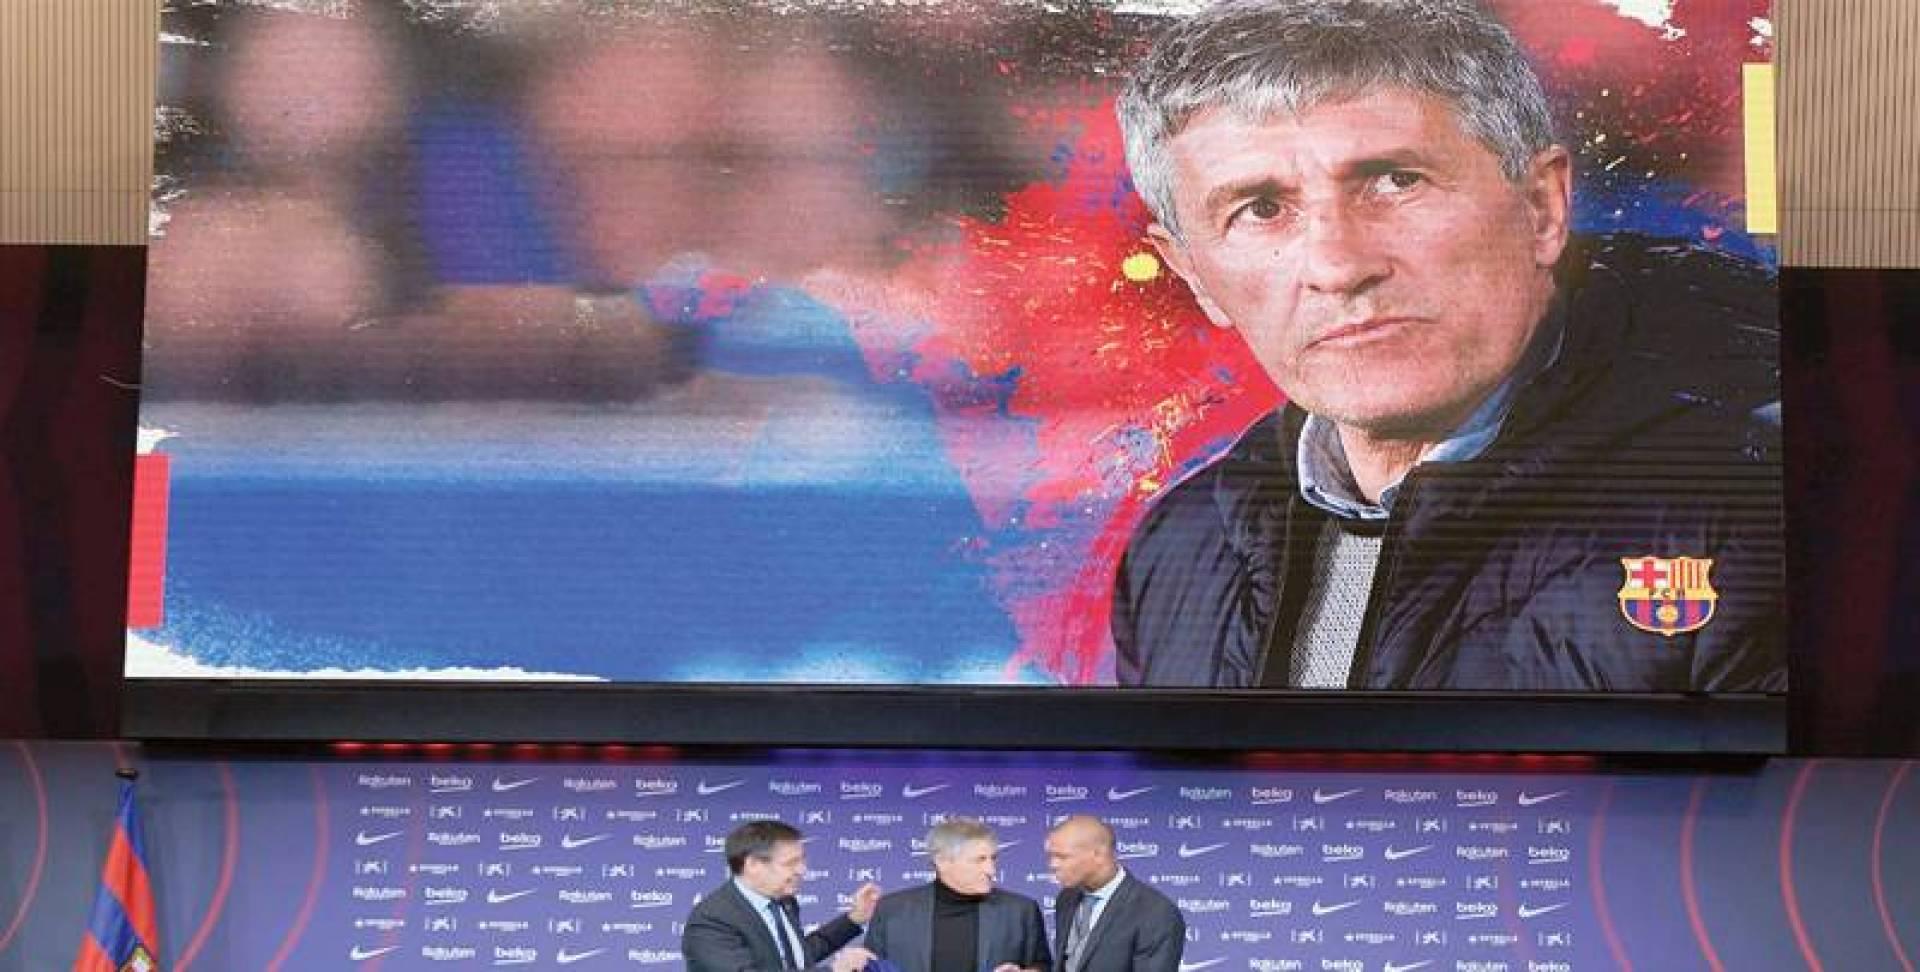 بارتوميو وأبيدال خلال المؤتمر الصحافي لتقديم المدرّب سيتين | أ.ف.ب